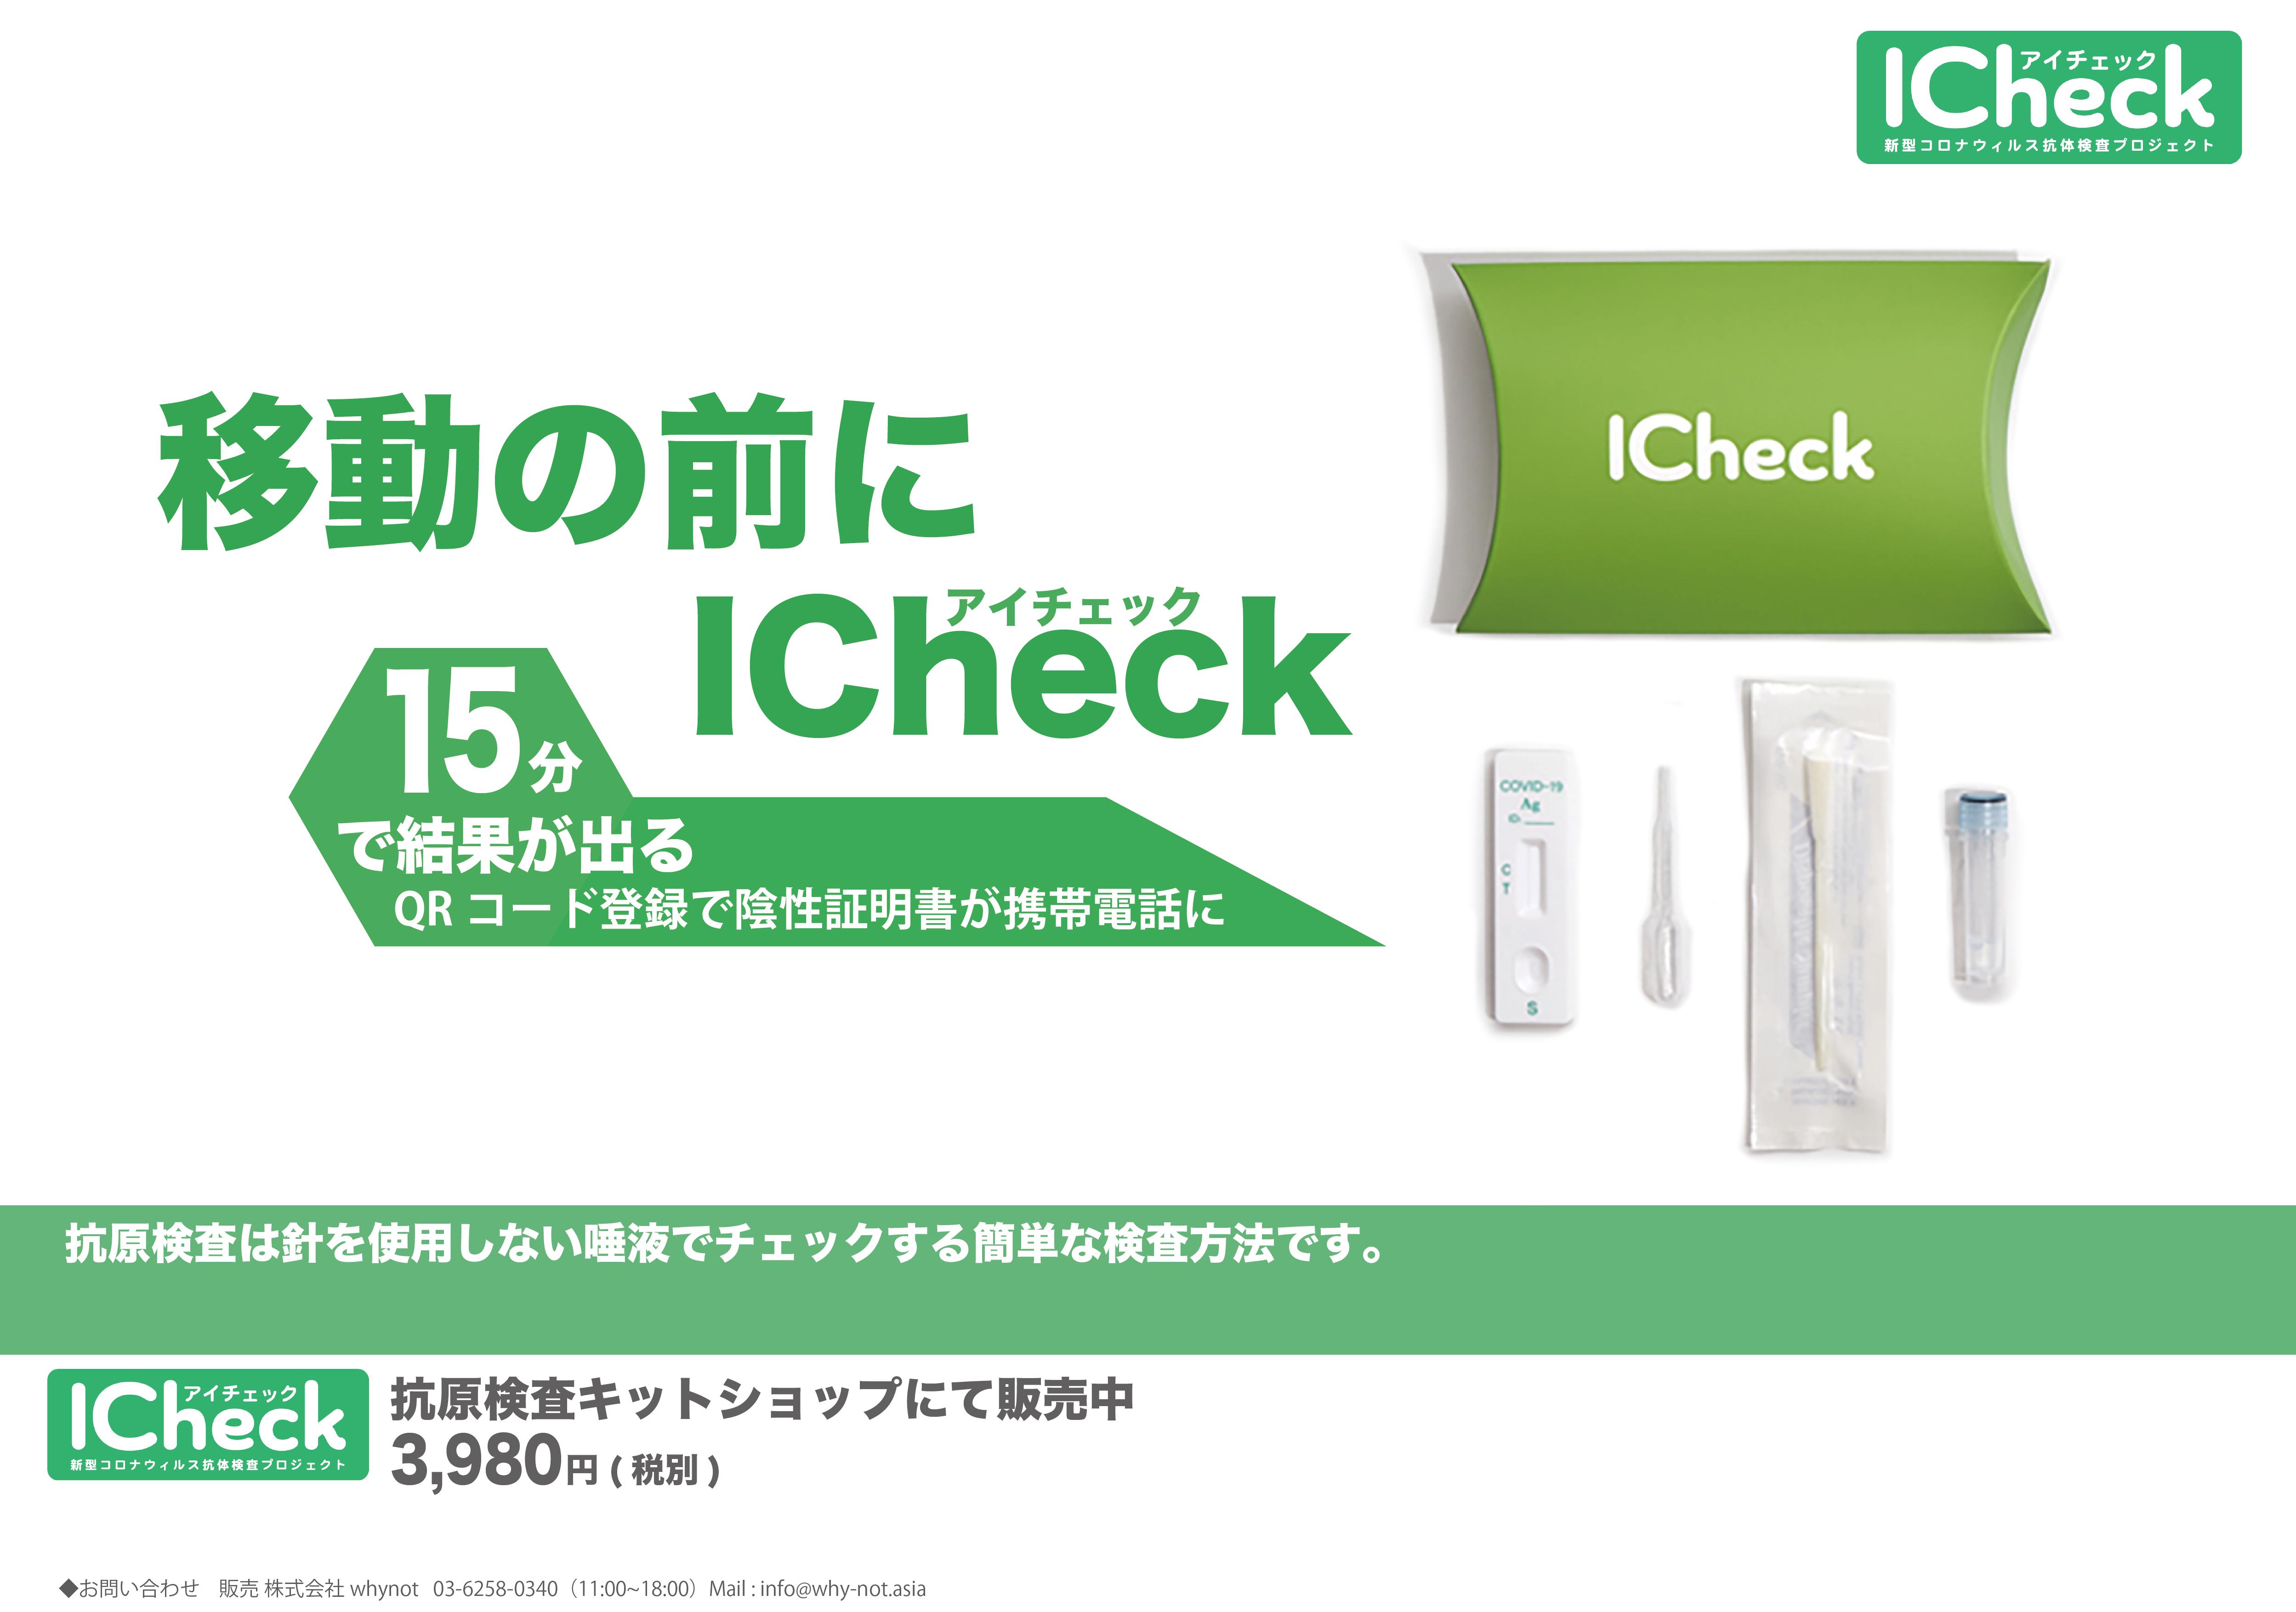 疫学調査プロジェクト ICheckと業務提携契約を締結しました